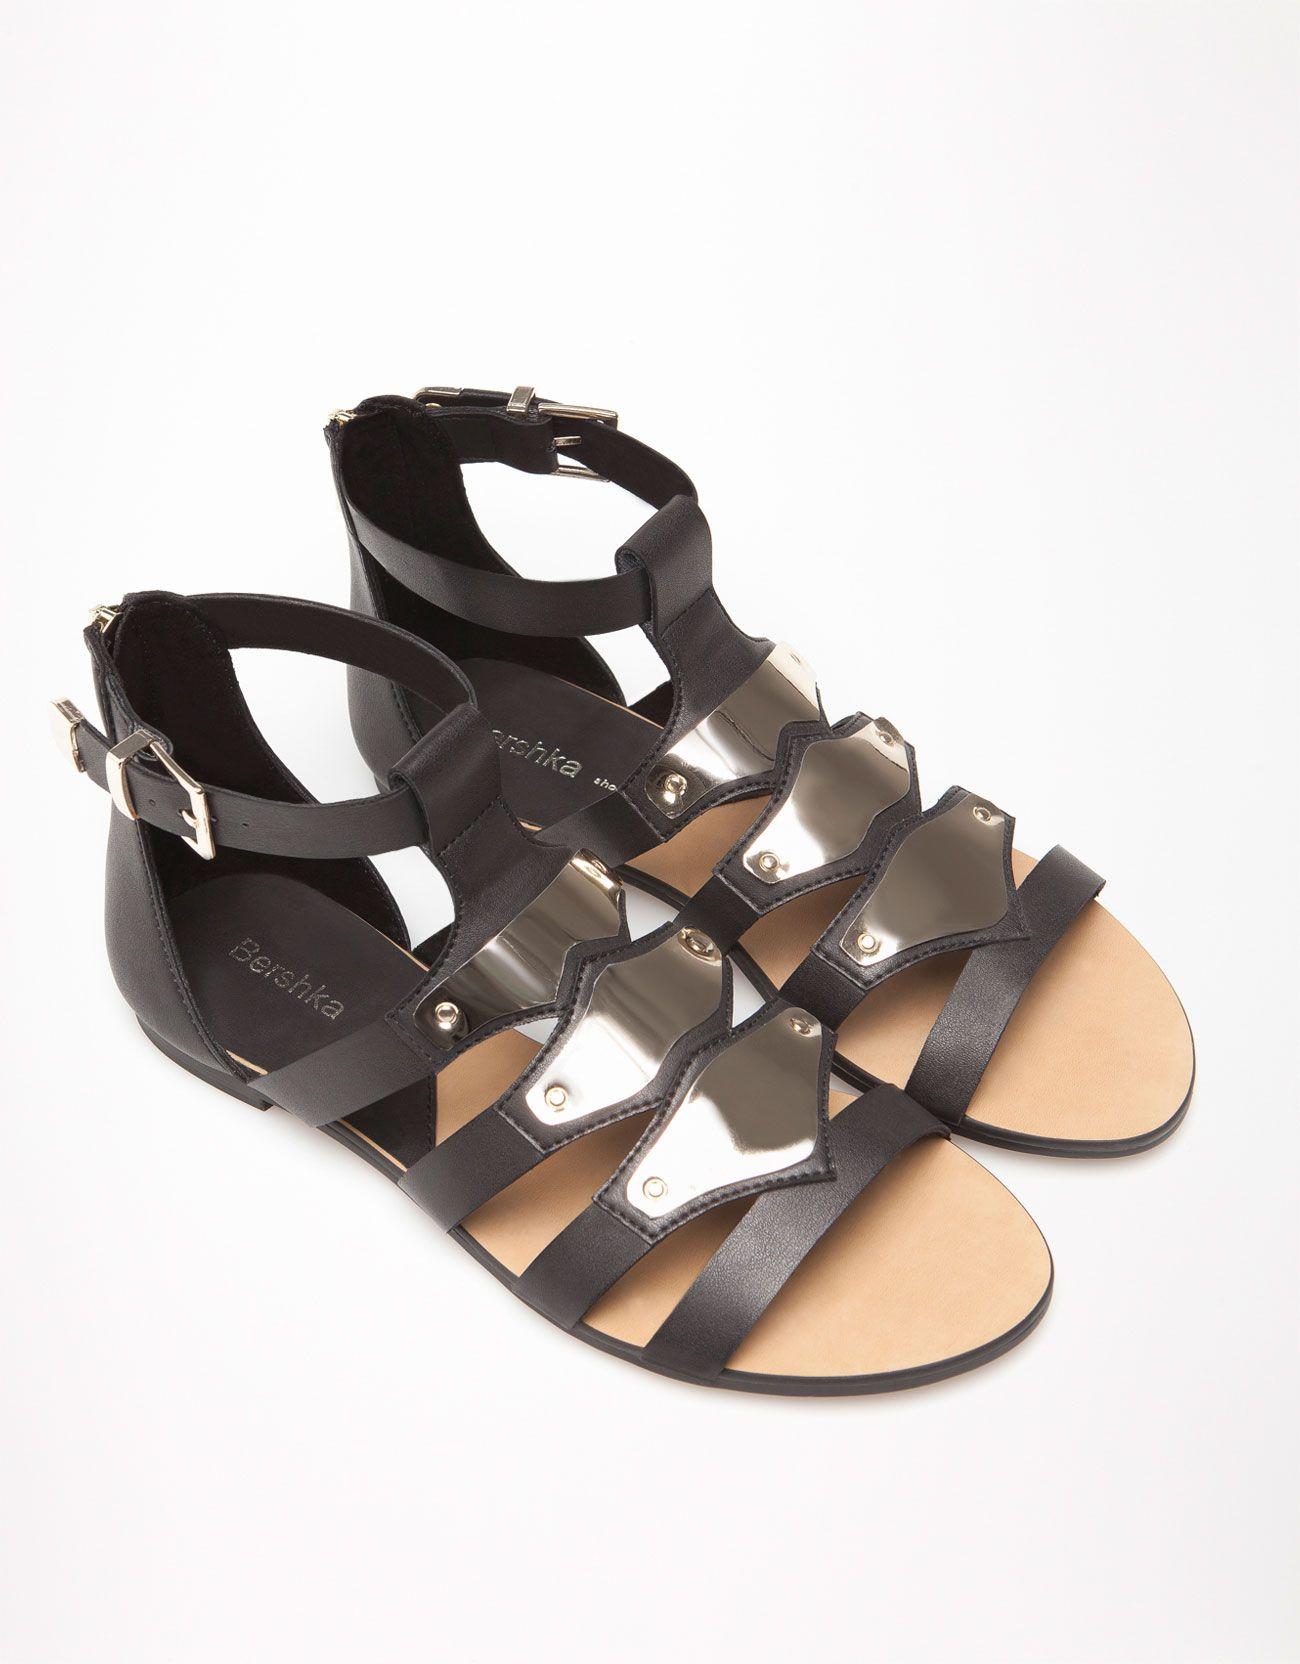 Sandalias gladiadoras con apliques metalizados de #Bershka #BershkaShoes #Footwear #BOGUE